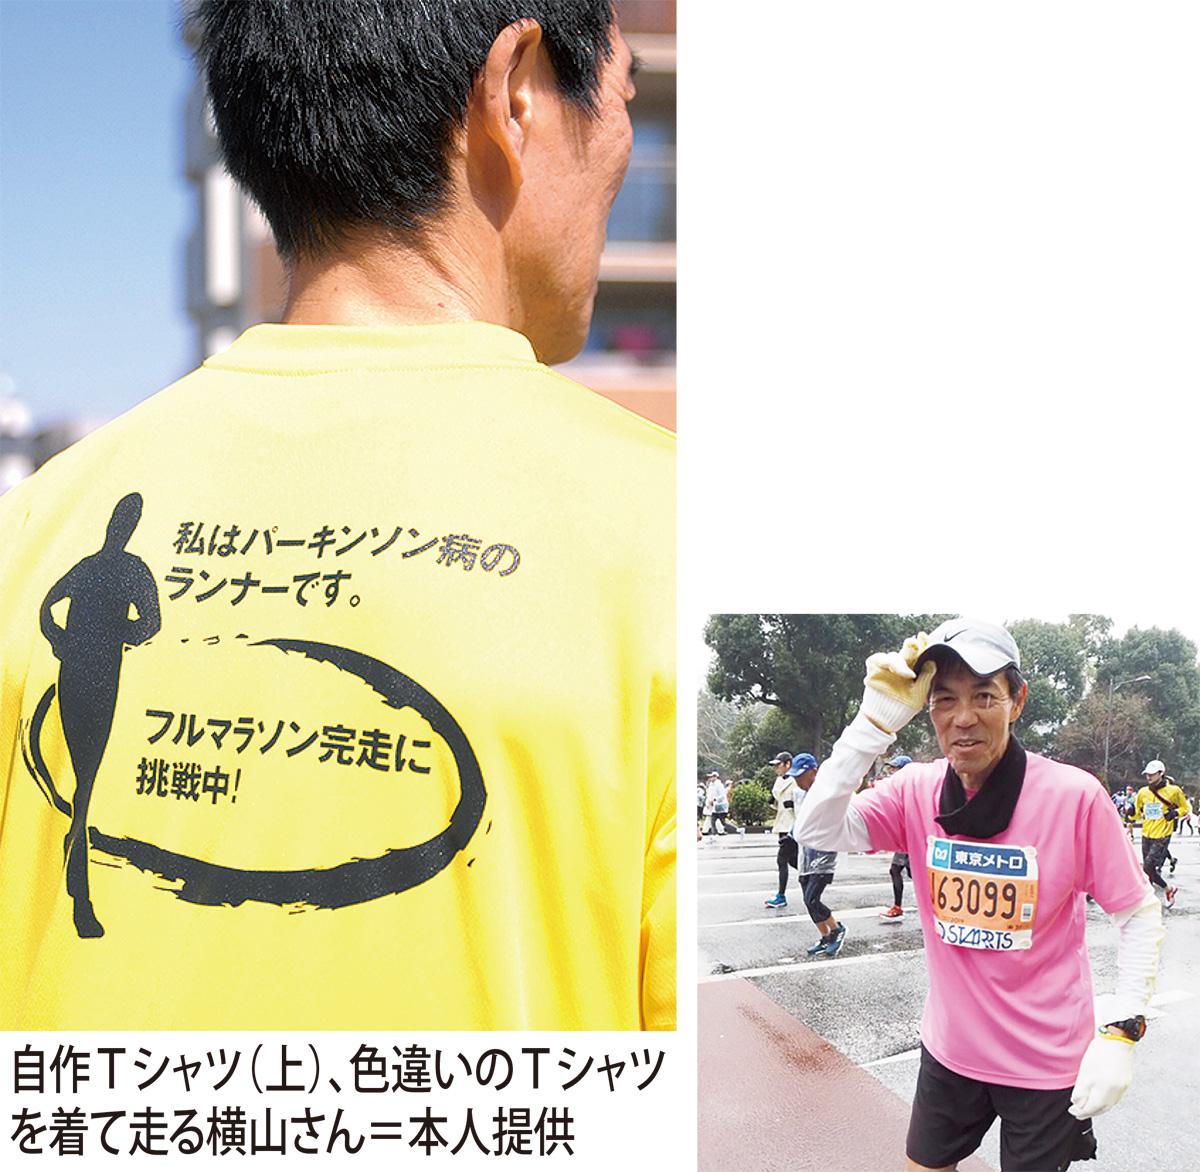 完走 フル マラソン